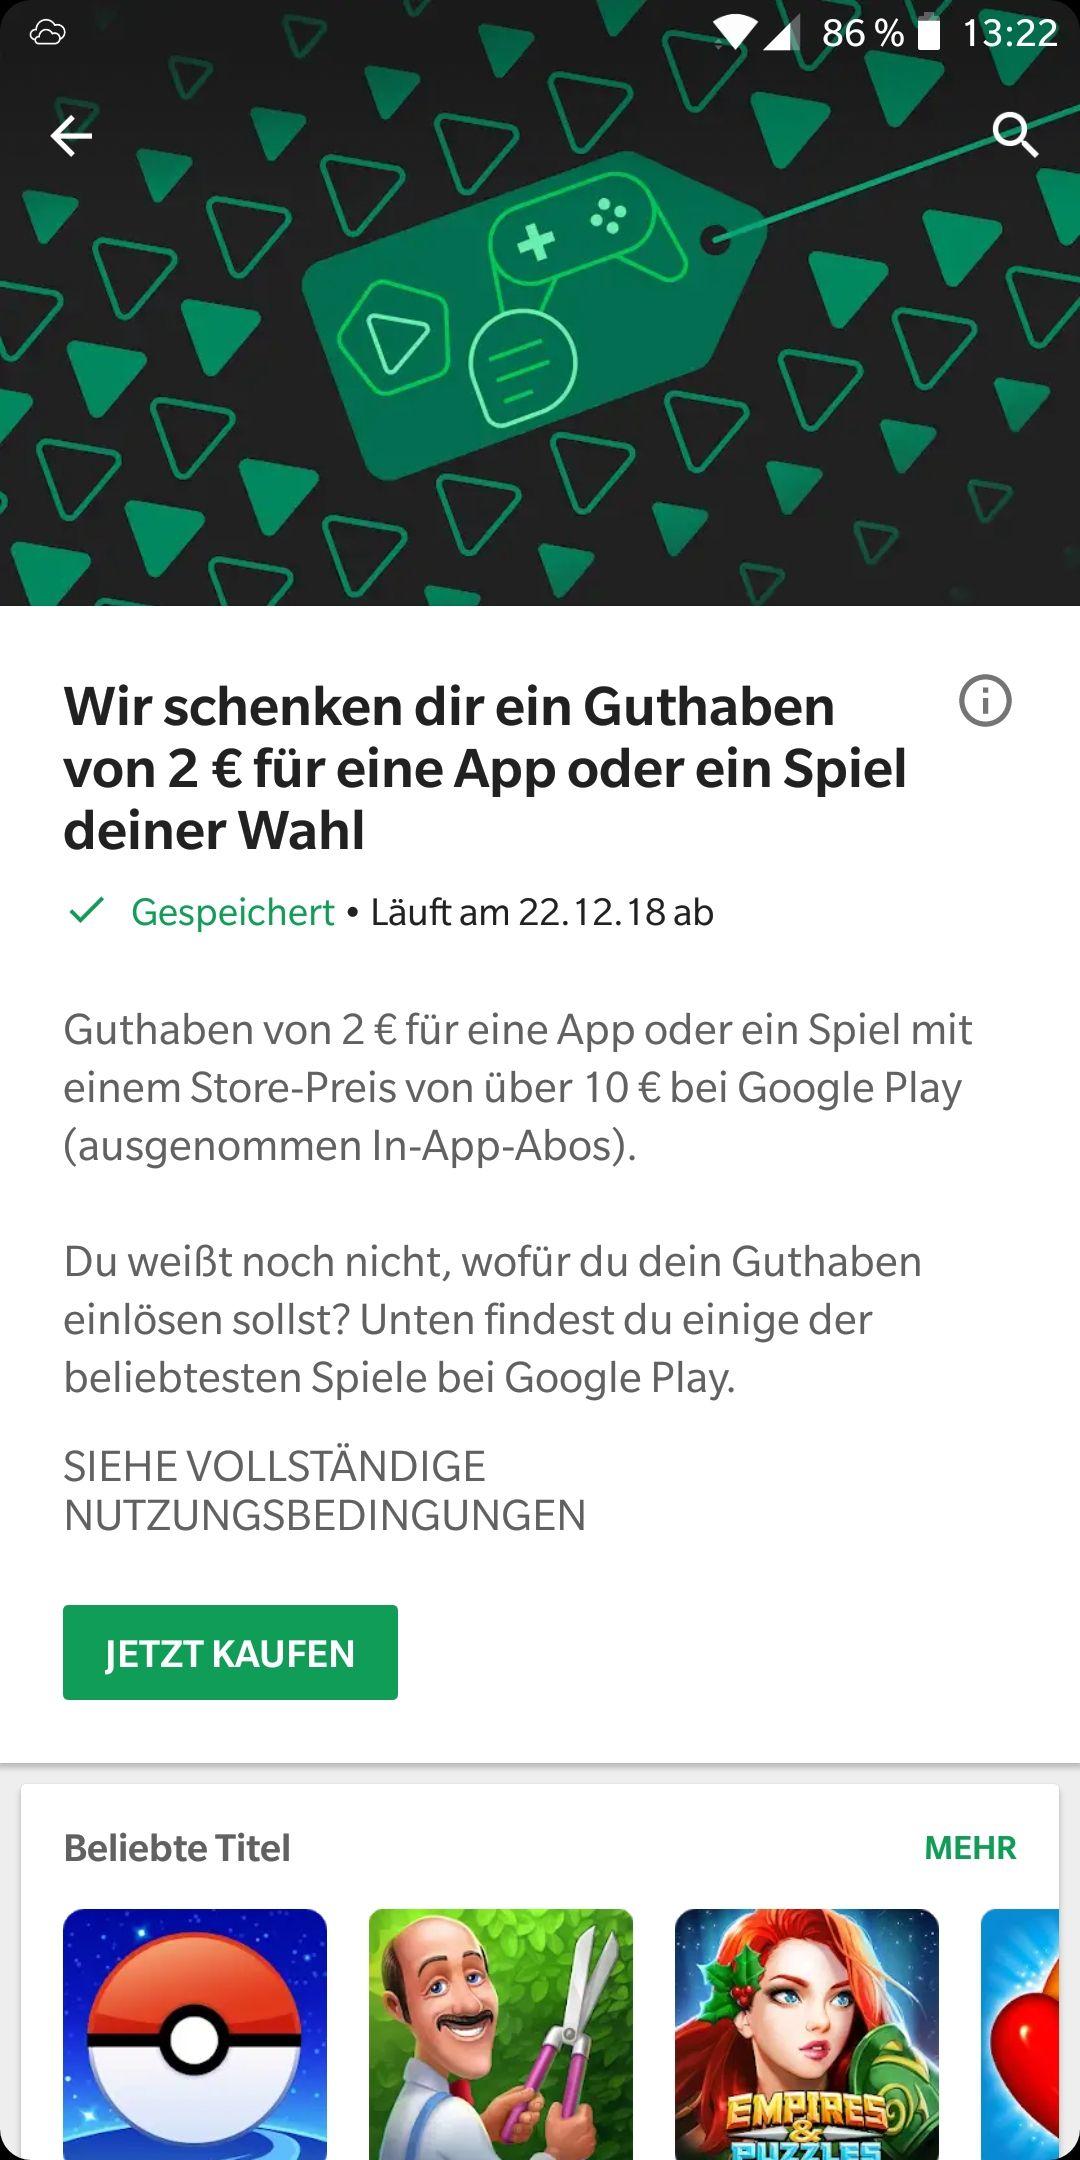 Auf der Startseite im Google Playstore ist ein Gutschein zu finden von 2€ - Einlösbar nur unter bestimmten Voraussetzungen